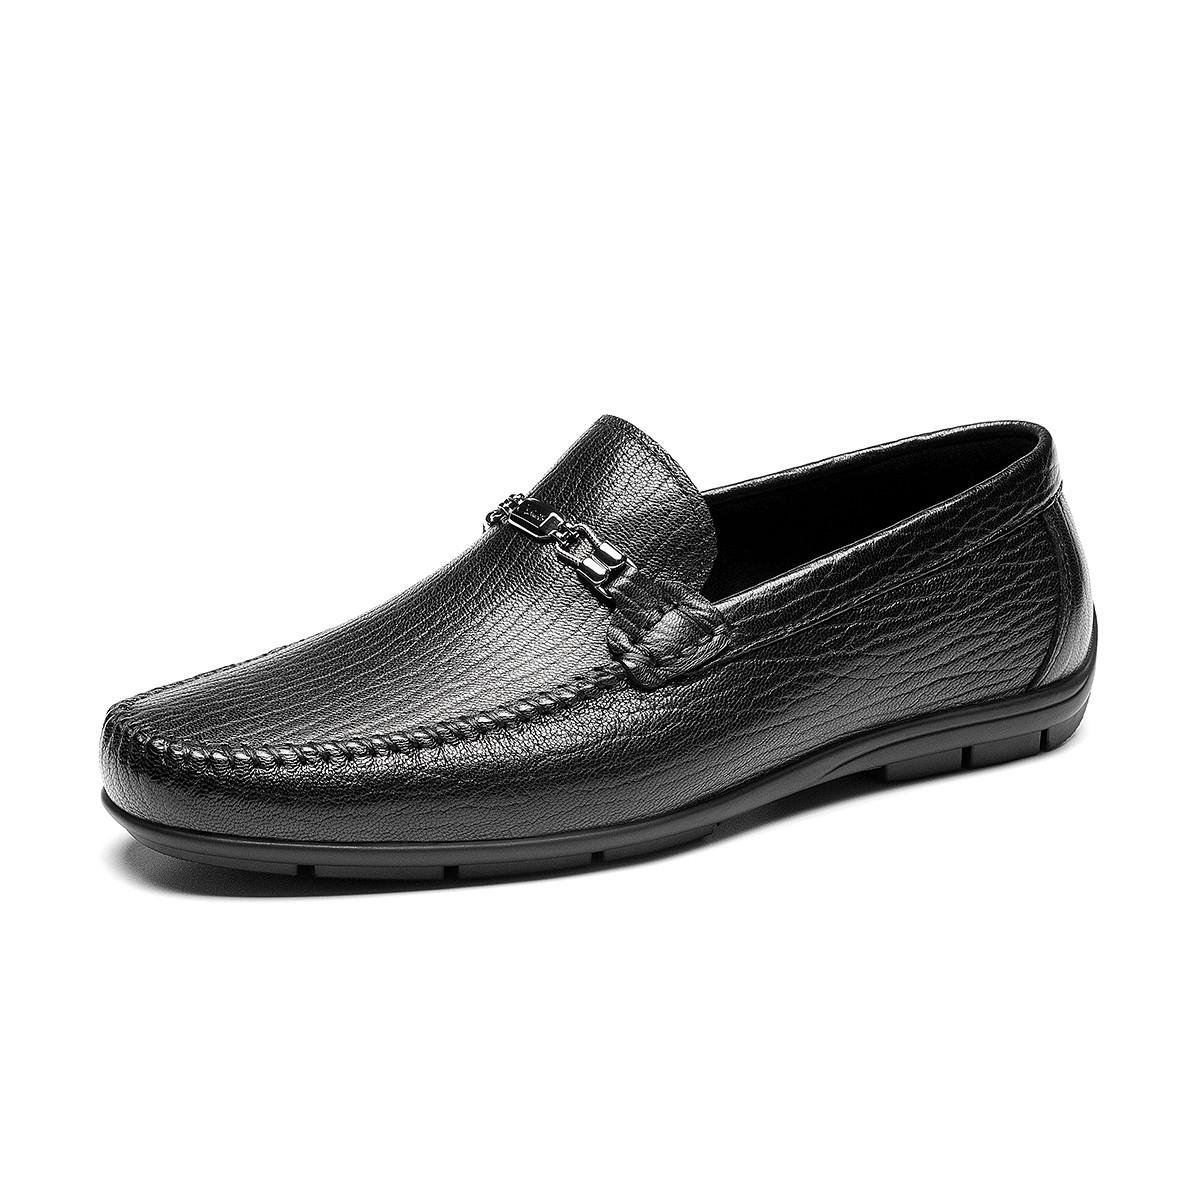 宾度宾度春季新品一脚蹬商务休闲男士皮鞋羊皮方头时尚百搭帅气男皮鞋V0G00101